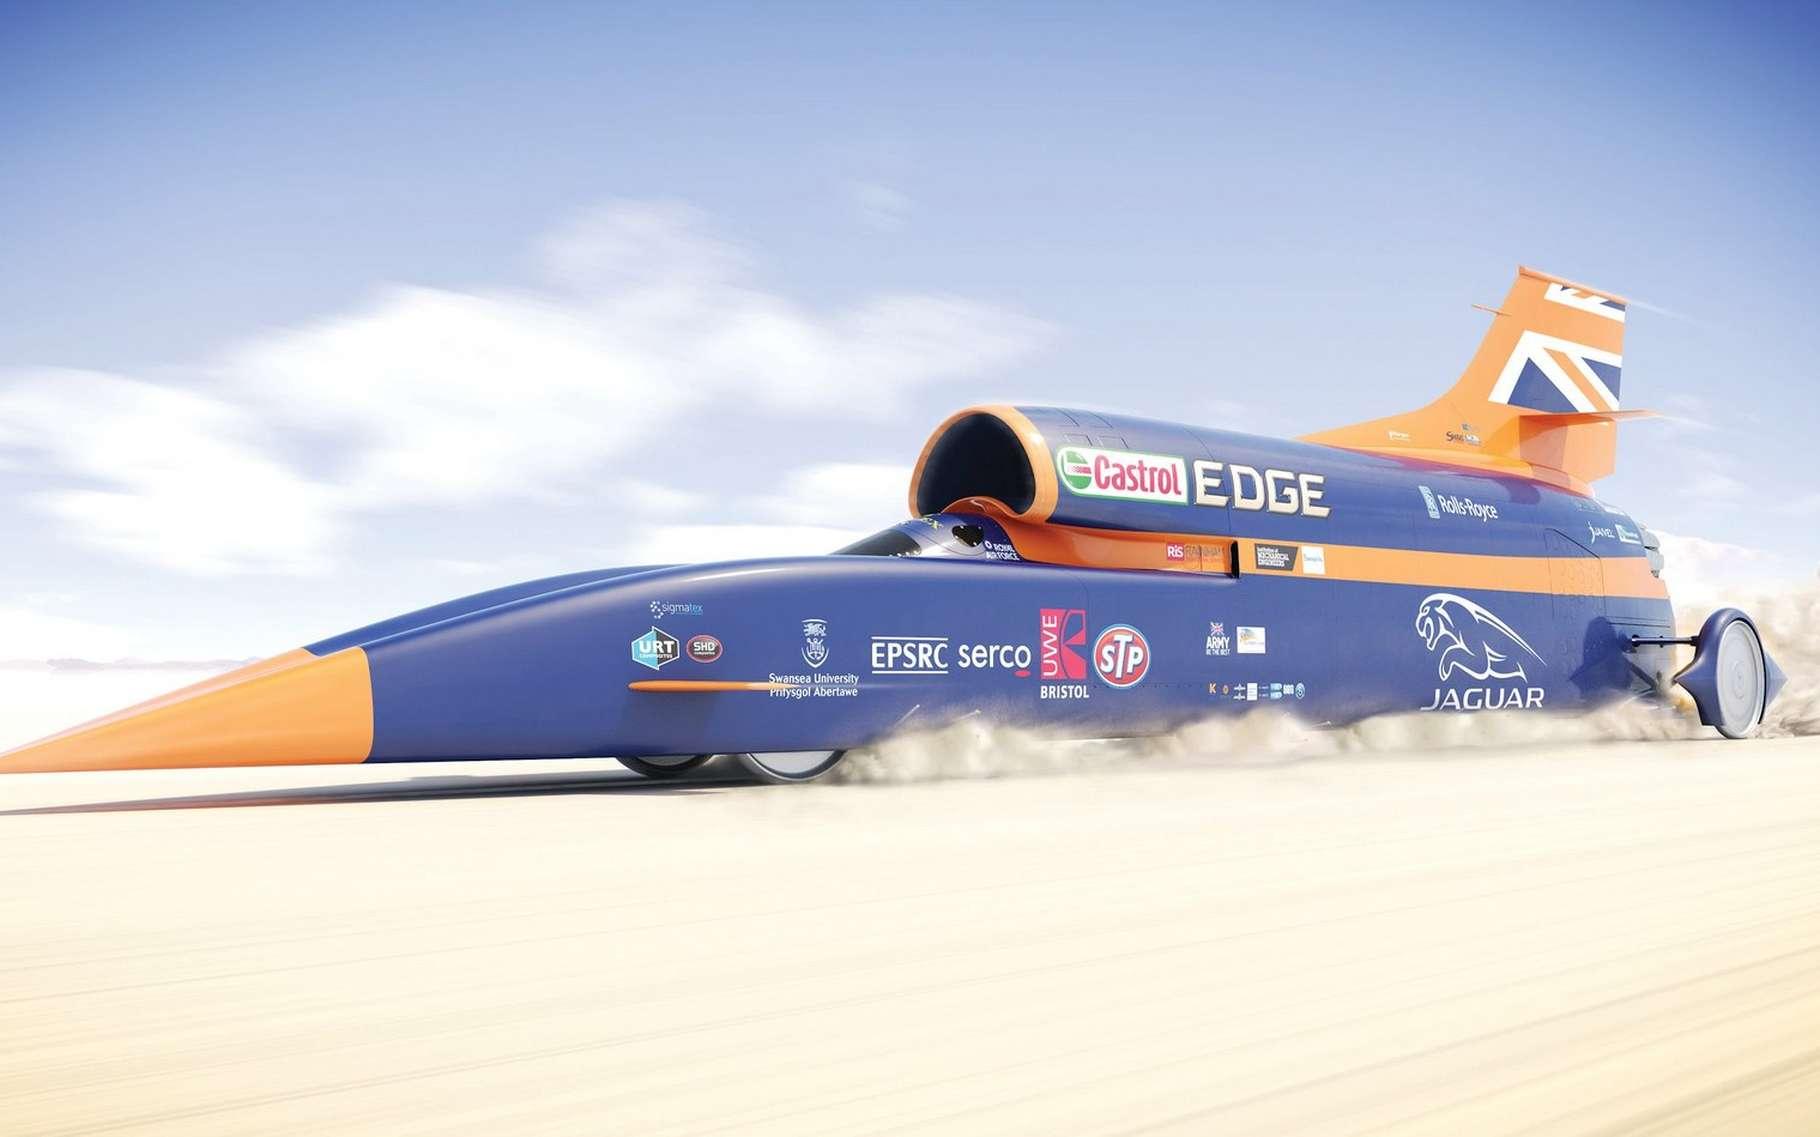 La voiture supersonique Bloodhound SSC est propulsée par un moteur d'avion de chasse Eurofighter Typhoon. © Bloodhound SSC